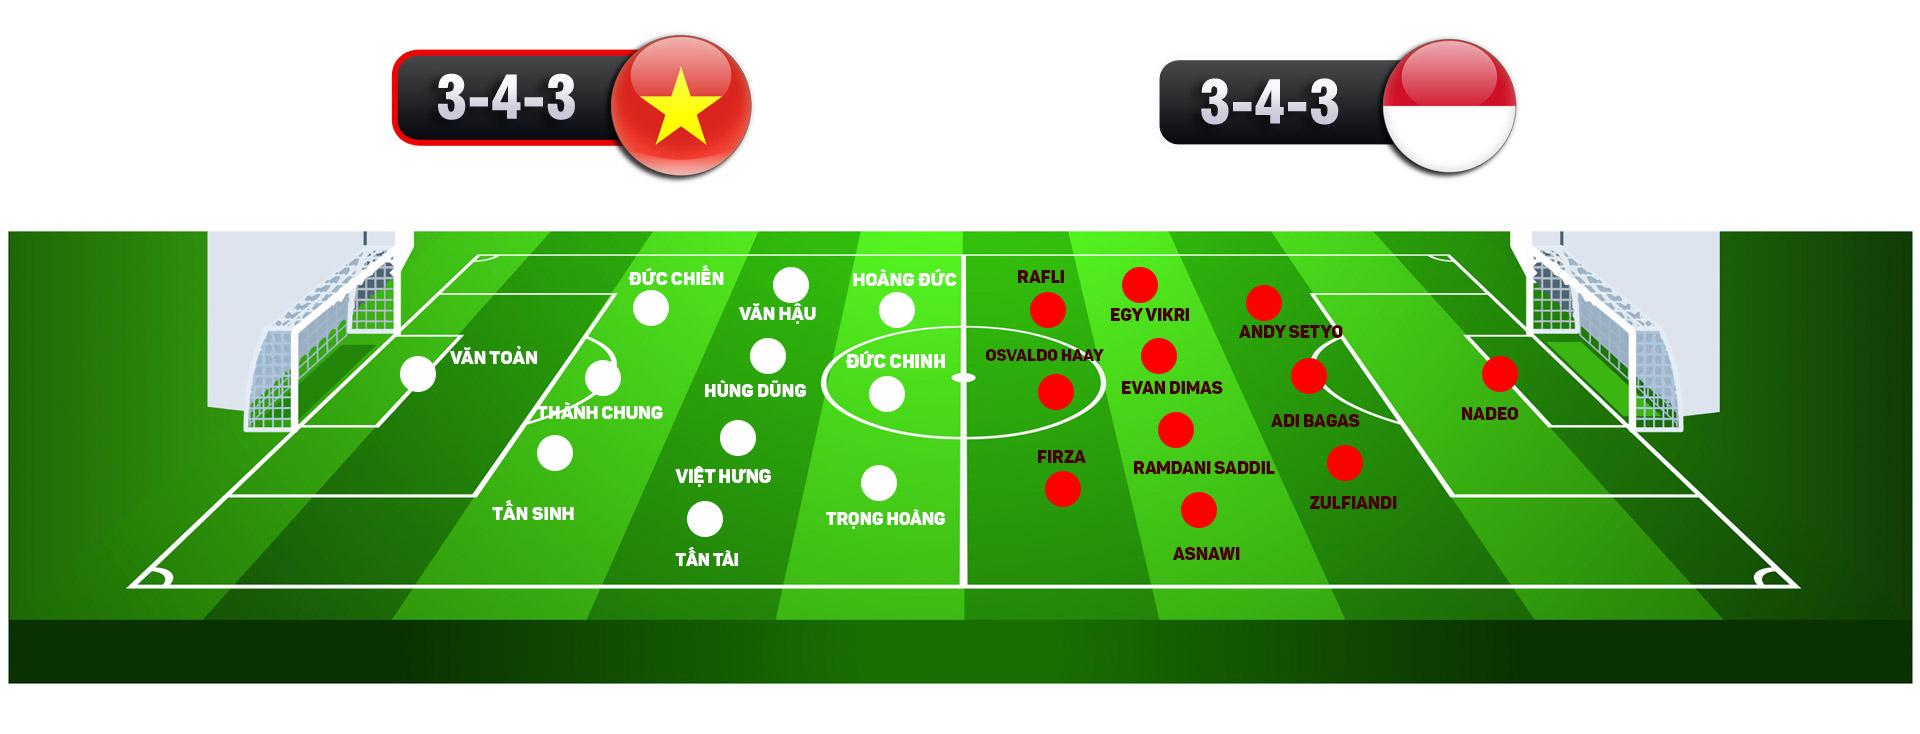 Nhận định bóng đá U22 Việt Nam - U22 Indonesia: Vinh quang trước mặt, chờ thời khắc lịch sử - 10